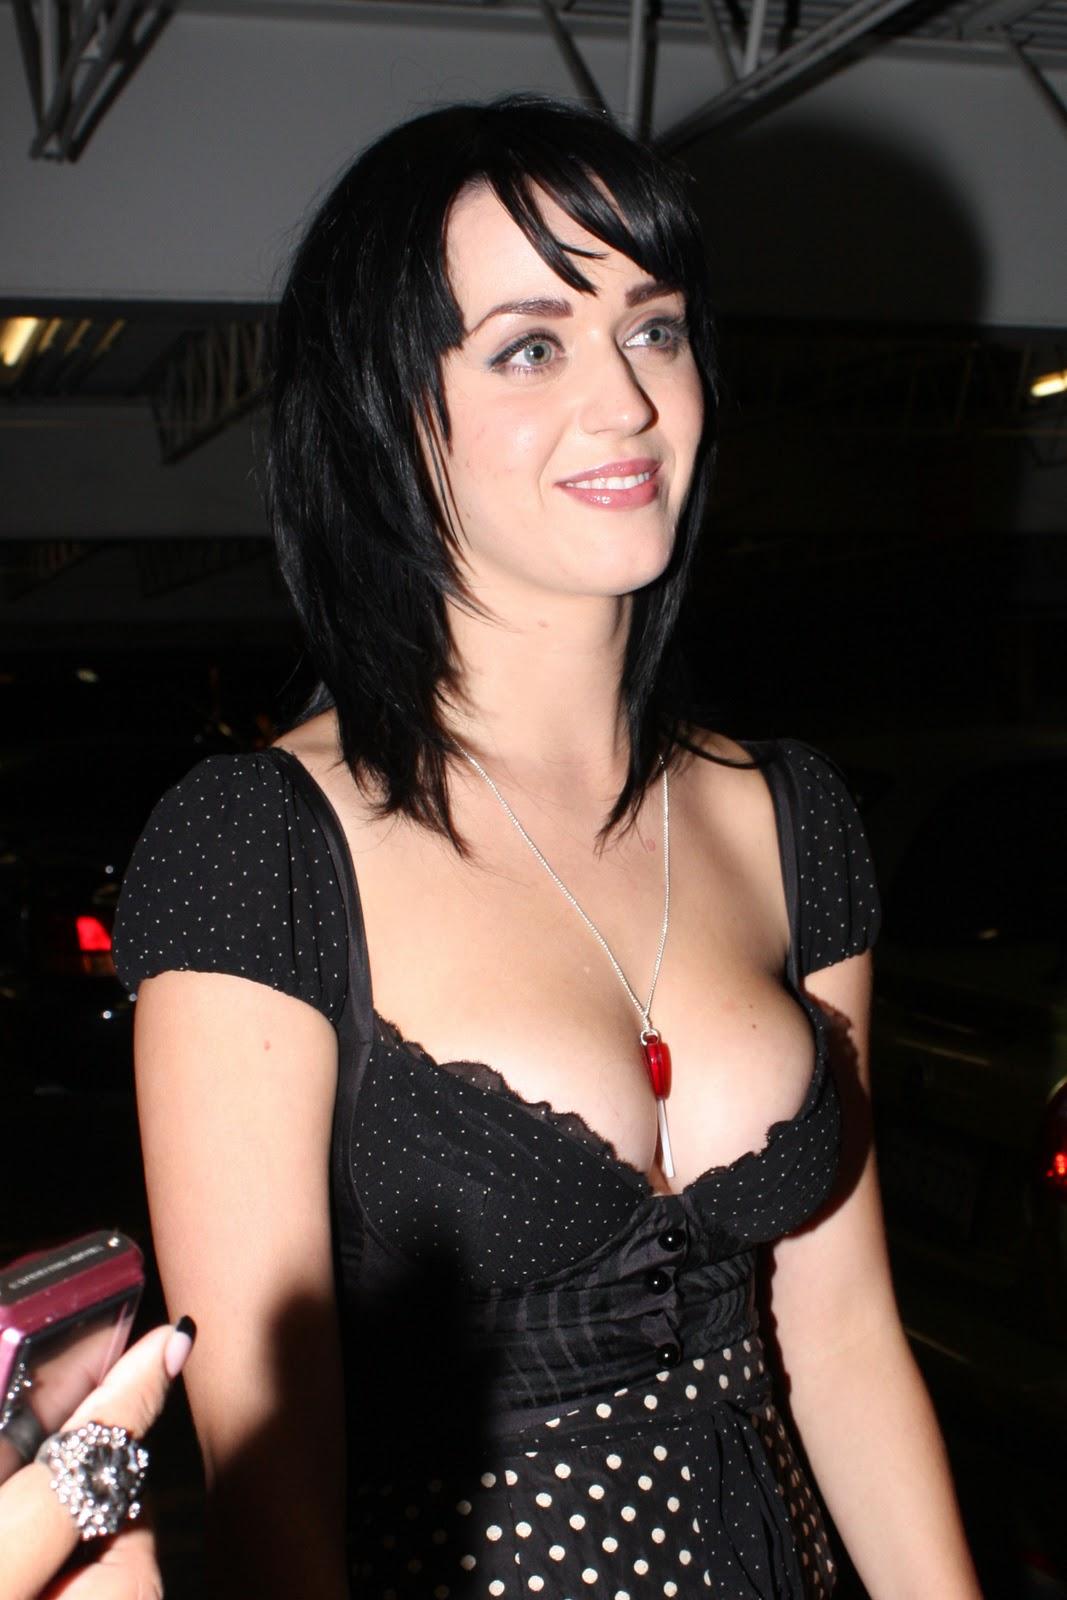 http://4.bp.blogspot.com/-H-FmvCBWEo8/ToSOSd5yC-I/AAAAAAAAAbY/Wj_77lwHaIA/s1600/katy-perry_88301.jpg